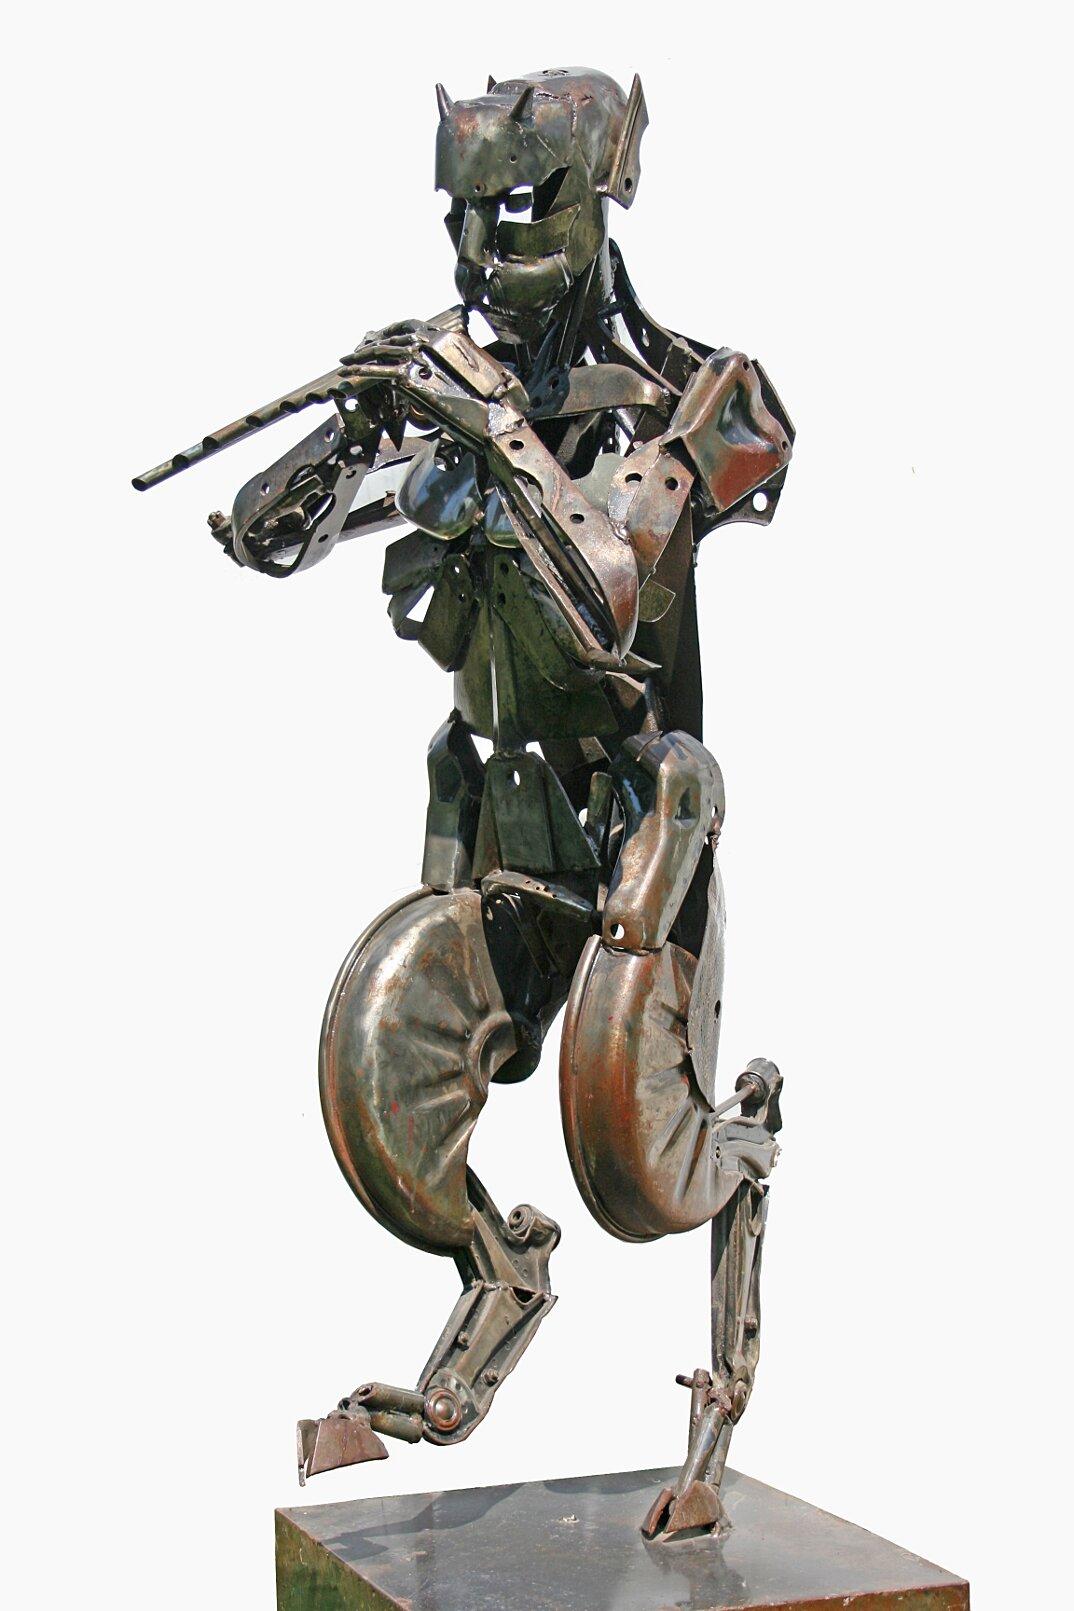 sculture-metallo-riciclato-patrick-alo-06